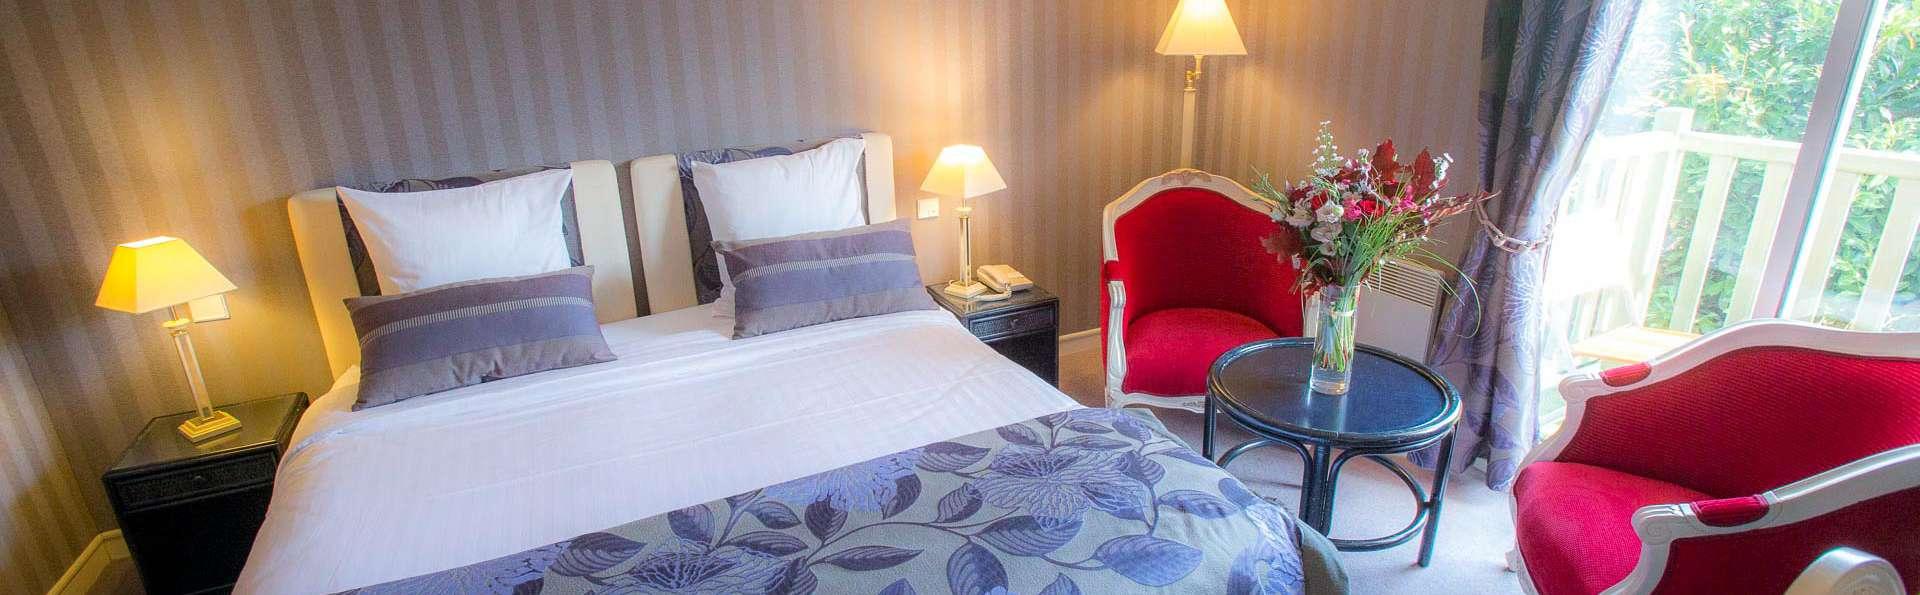 Wellness weekend in een superior kamer in Deauville